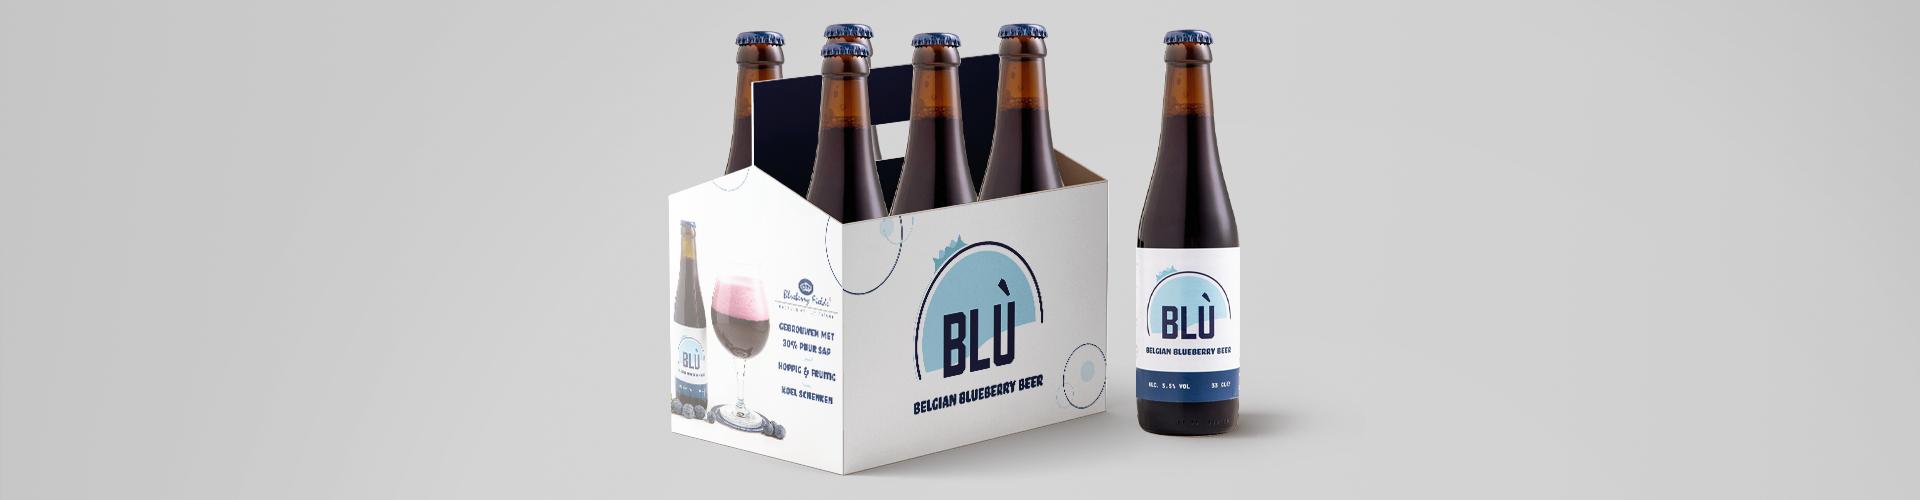 Blù-BlauwBessen-bier